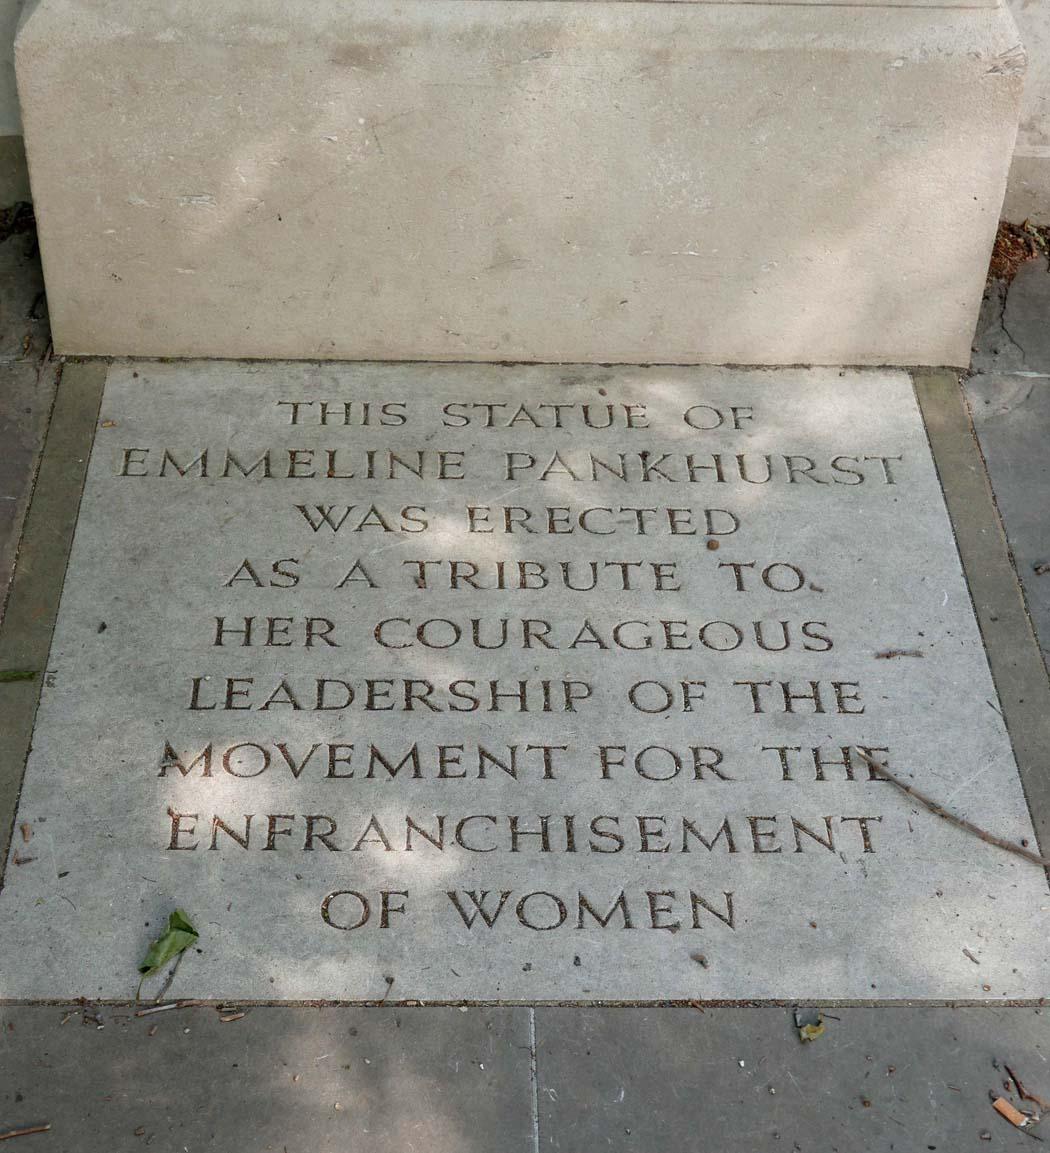 Emmeline Pankhurst memorial